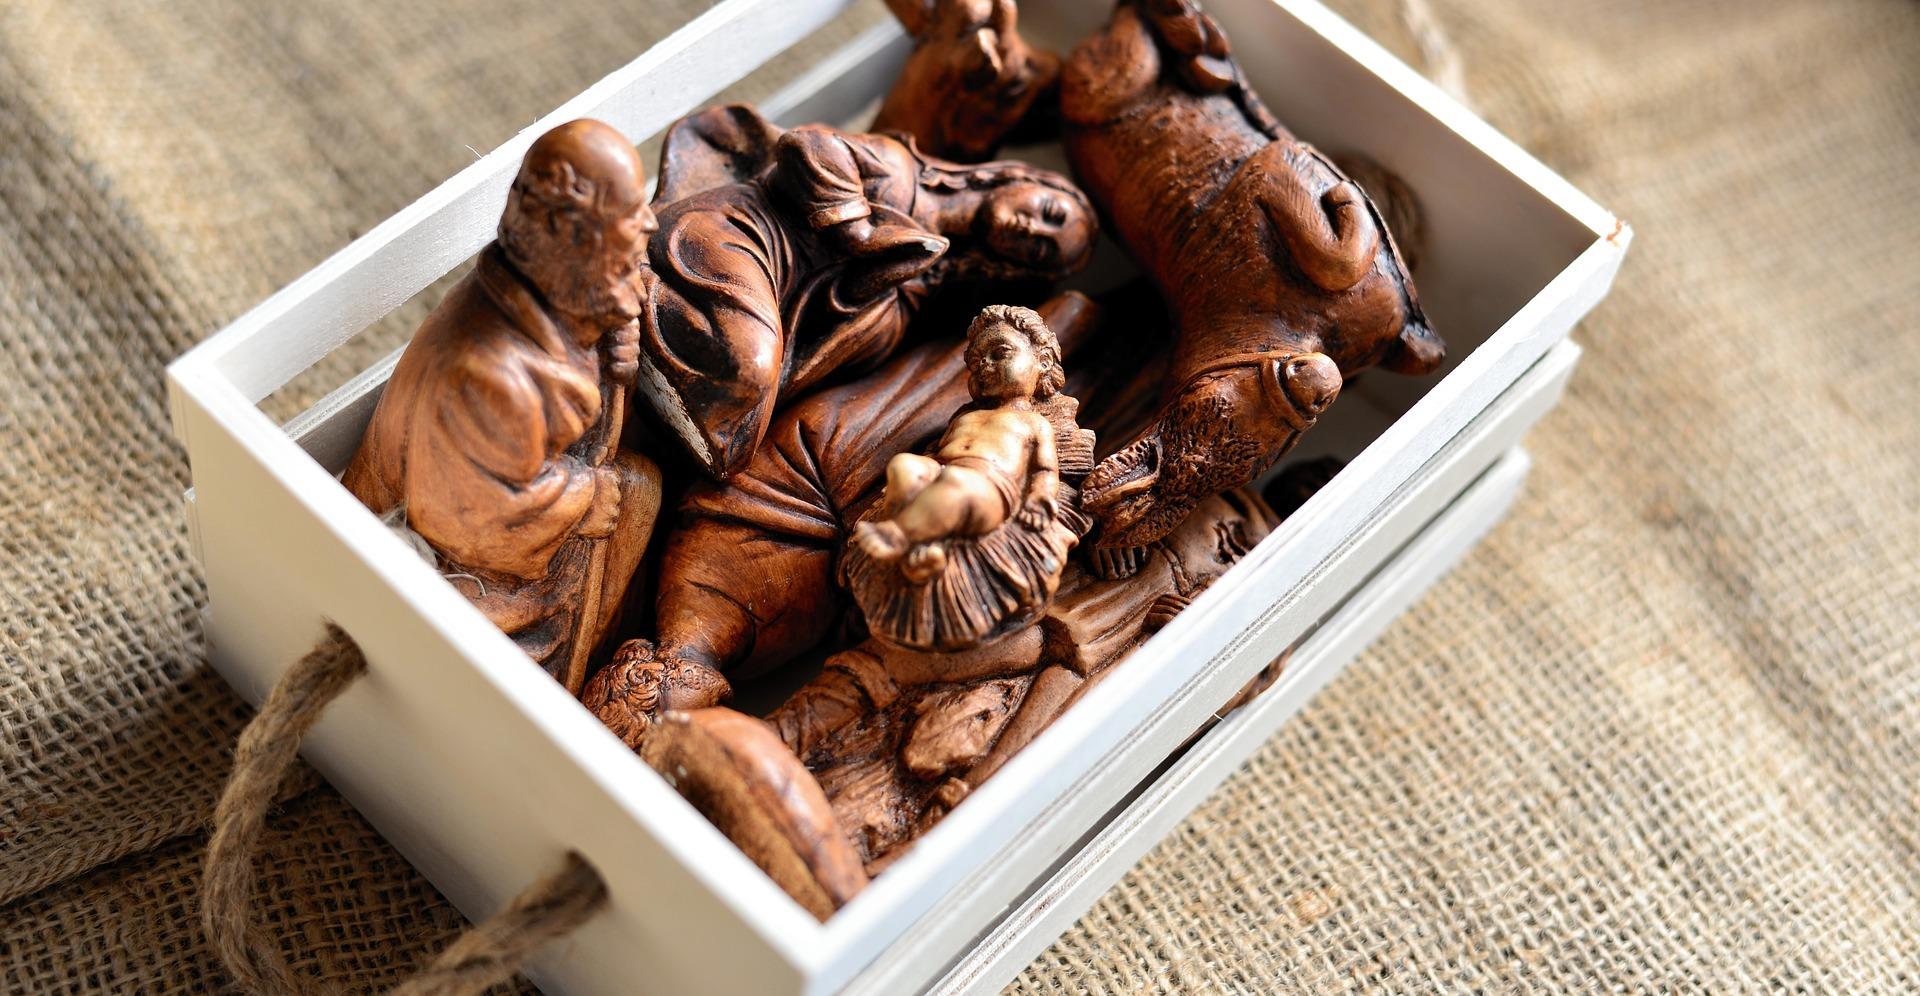 Josef und Krippenfiguren